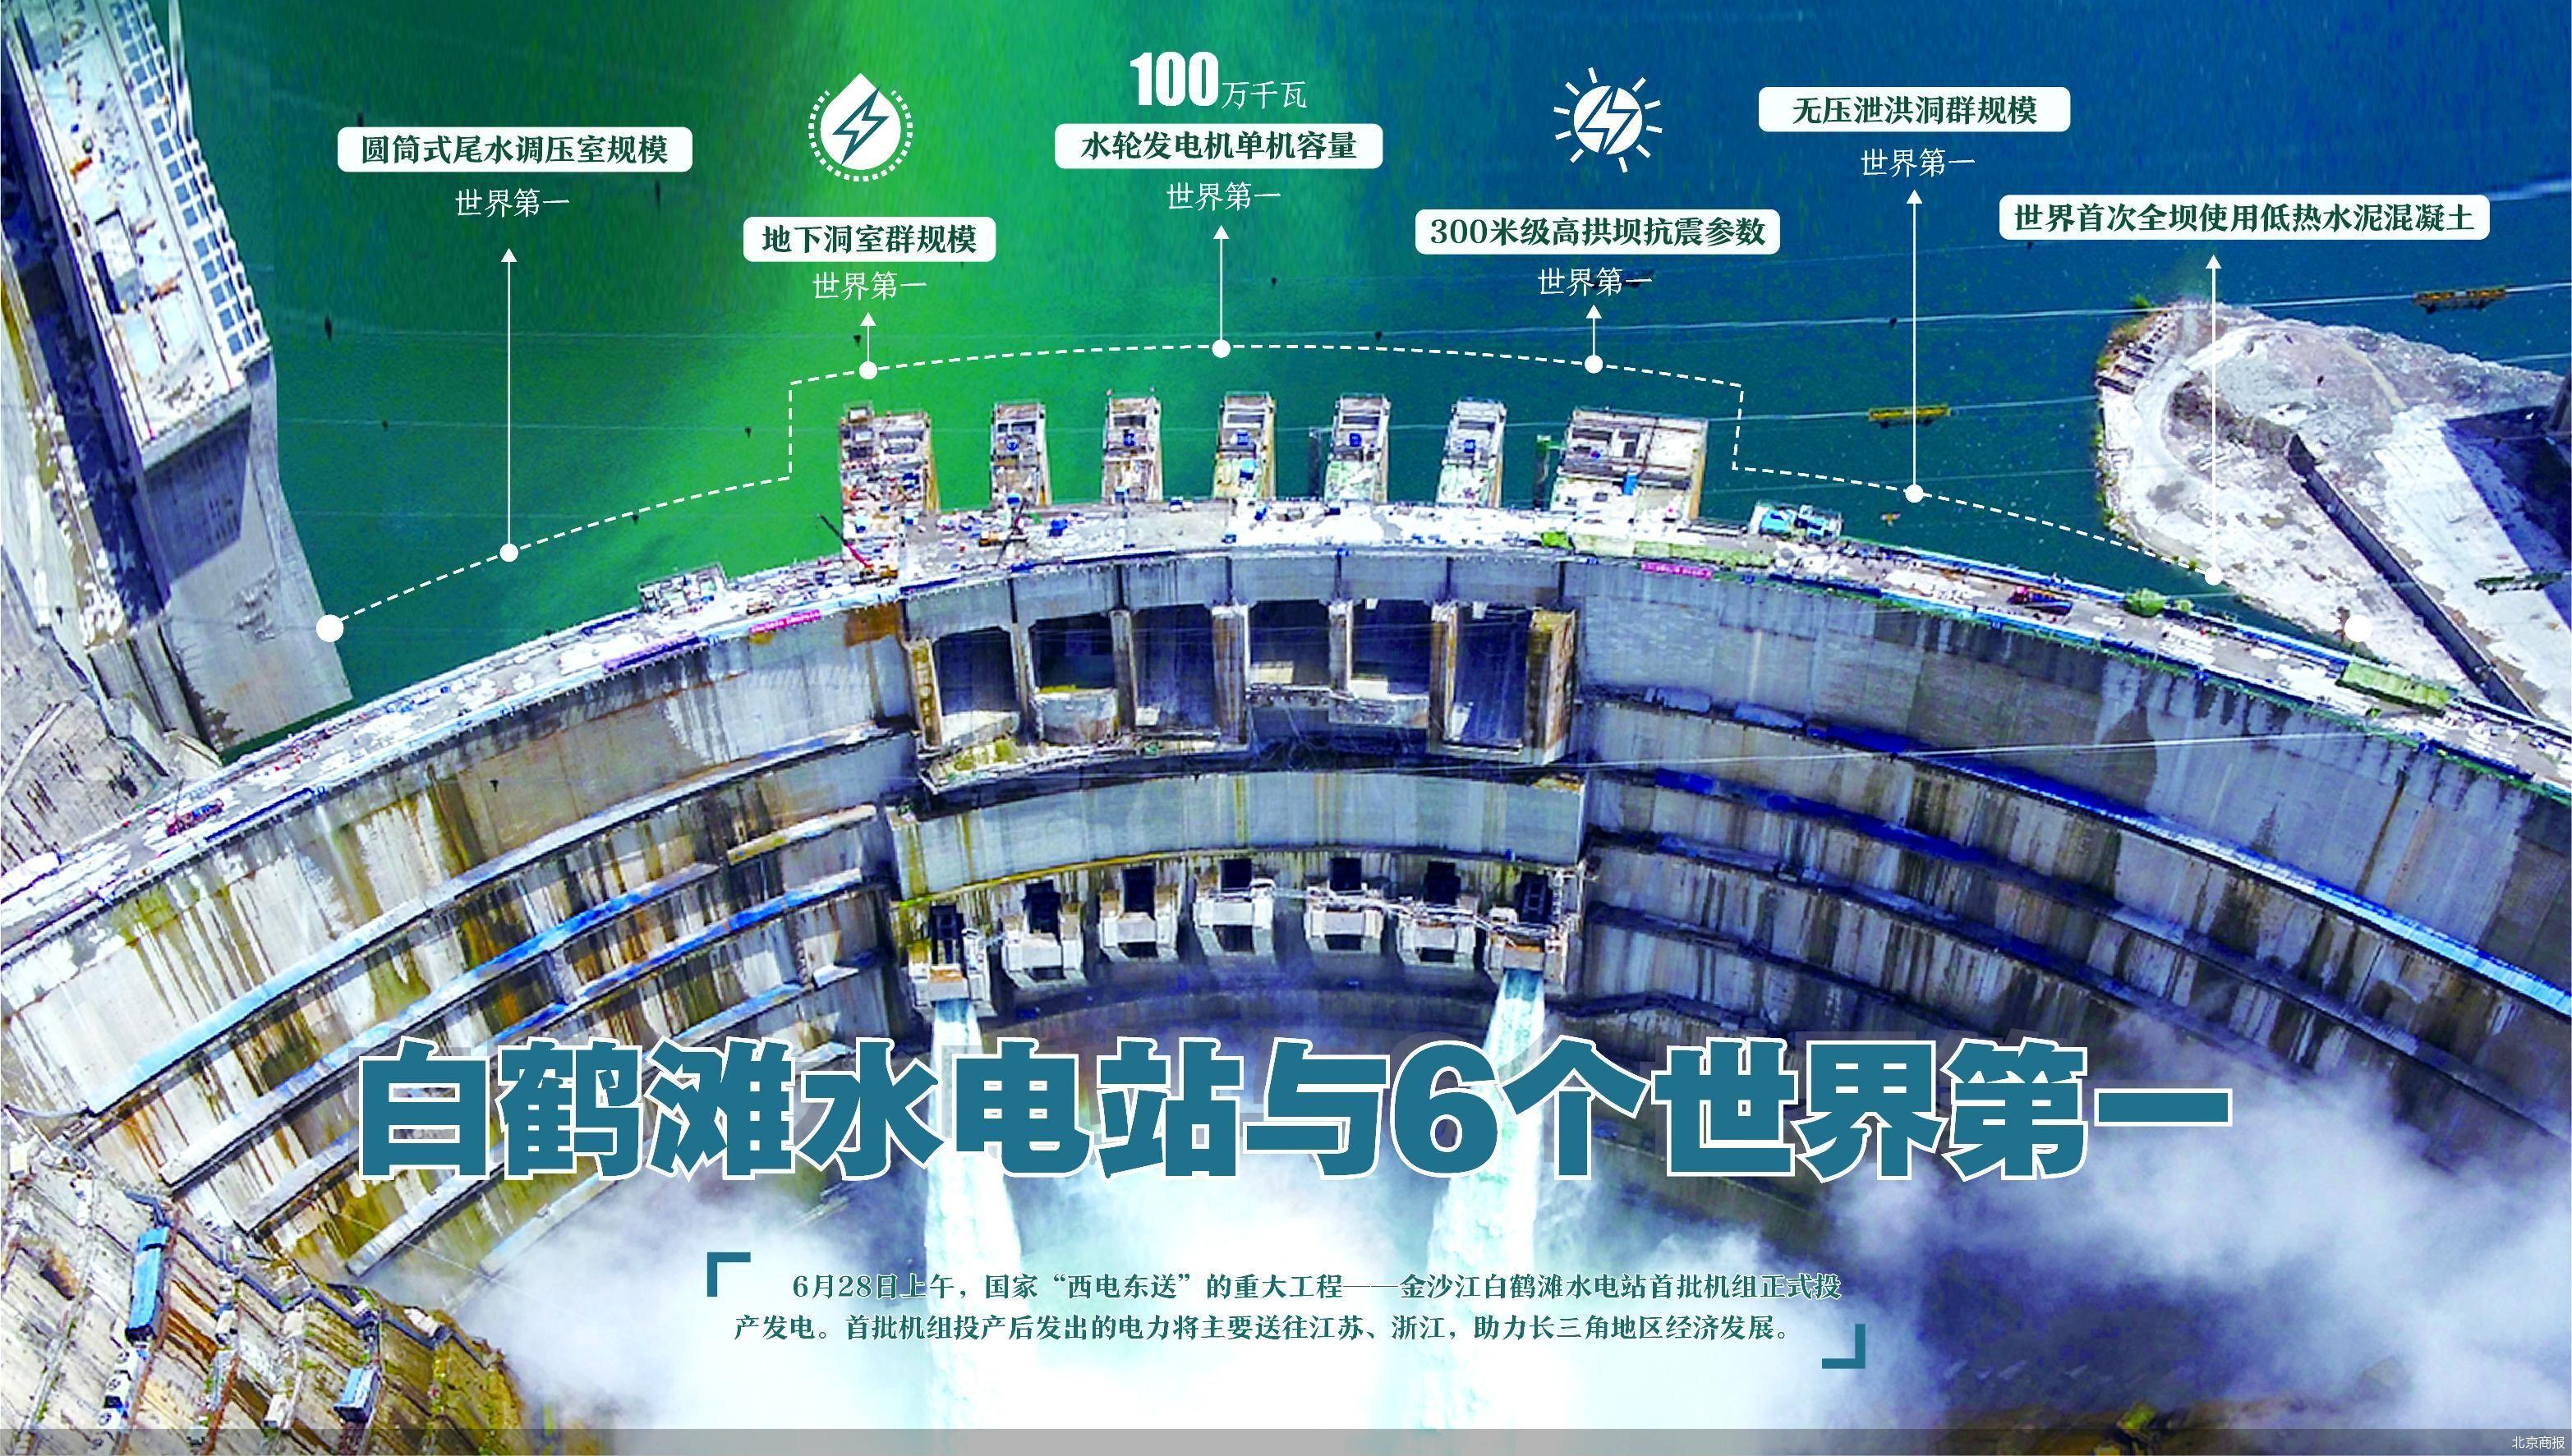 白鹤滩水电站首批2台机组投产发电 解码白鹤滩水电站